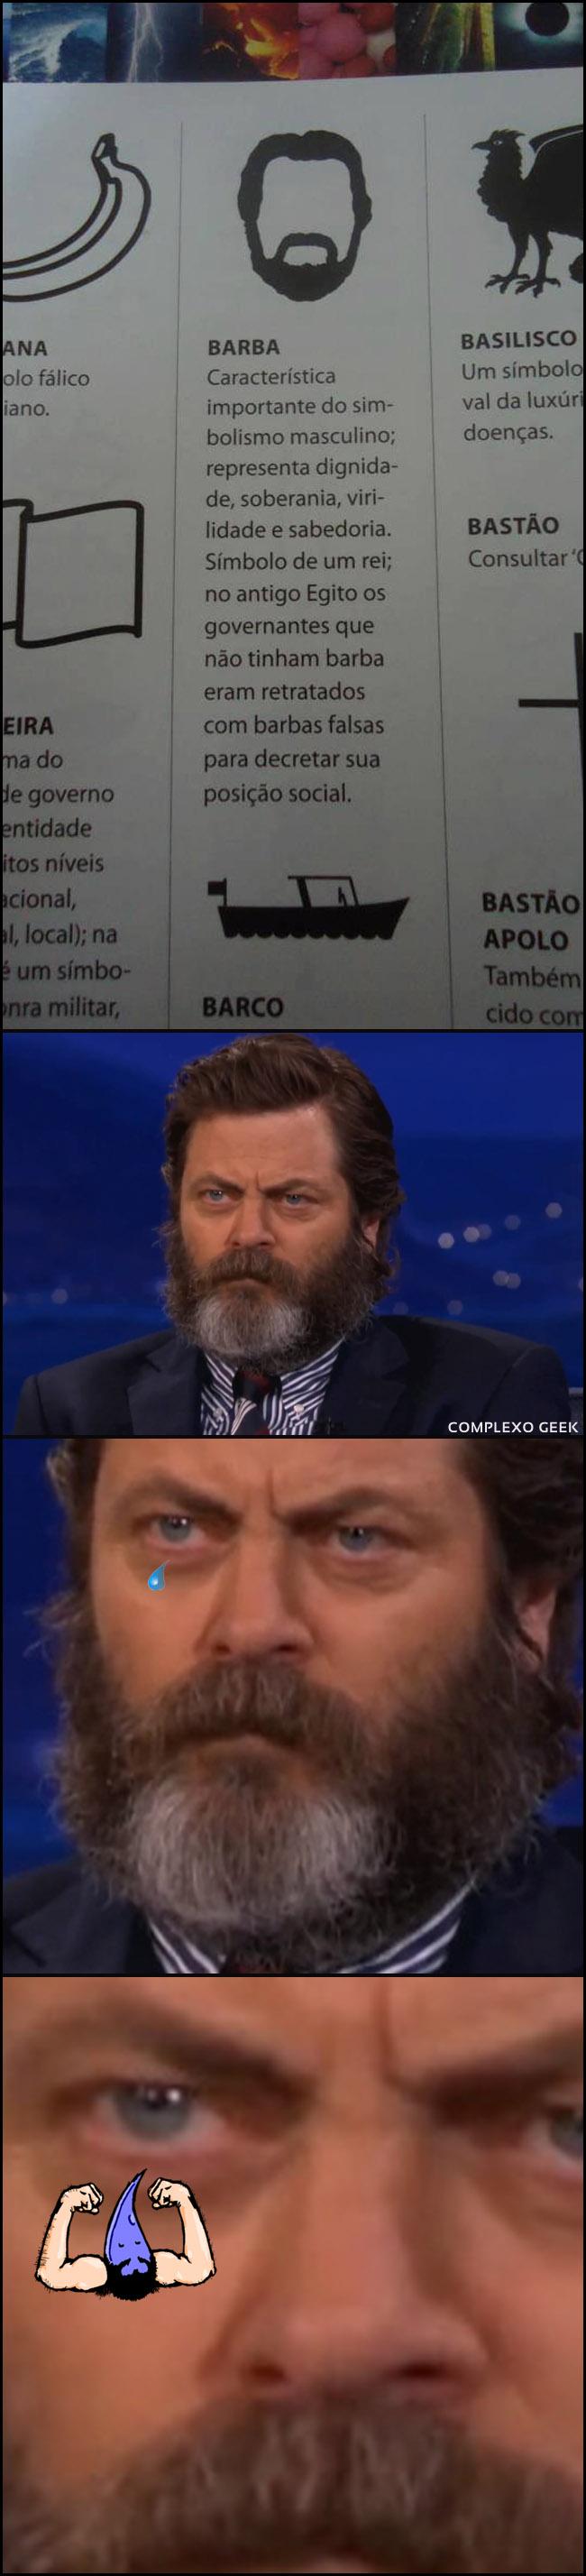 0 a barba vi